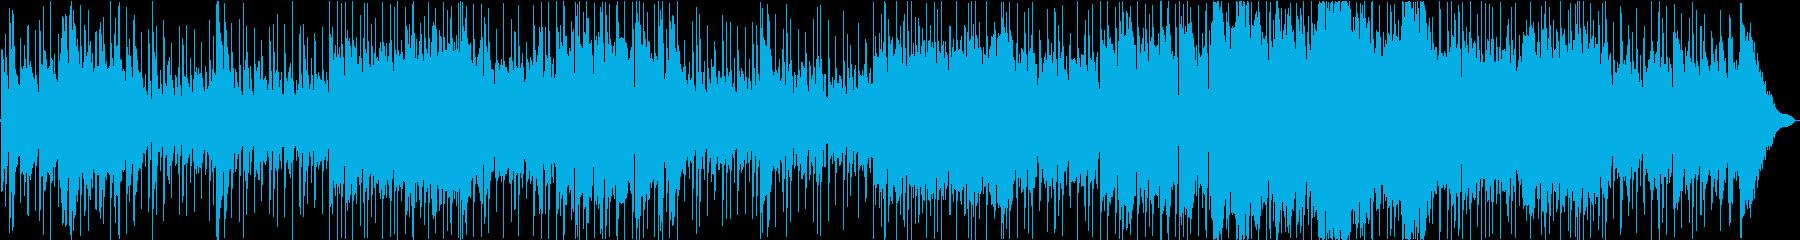 スローカントリーロック&バラードの再生済みの波形